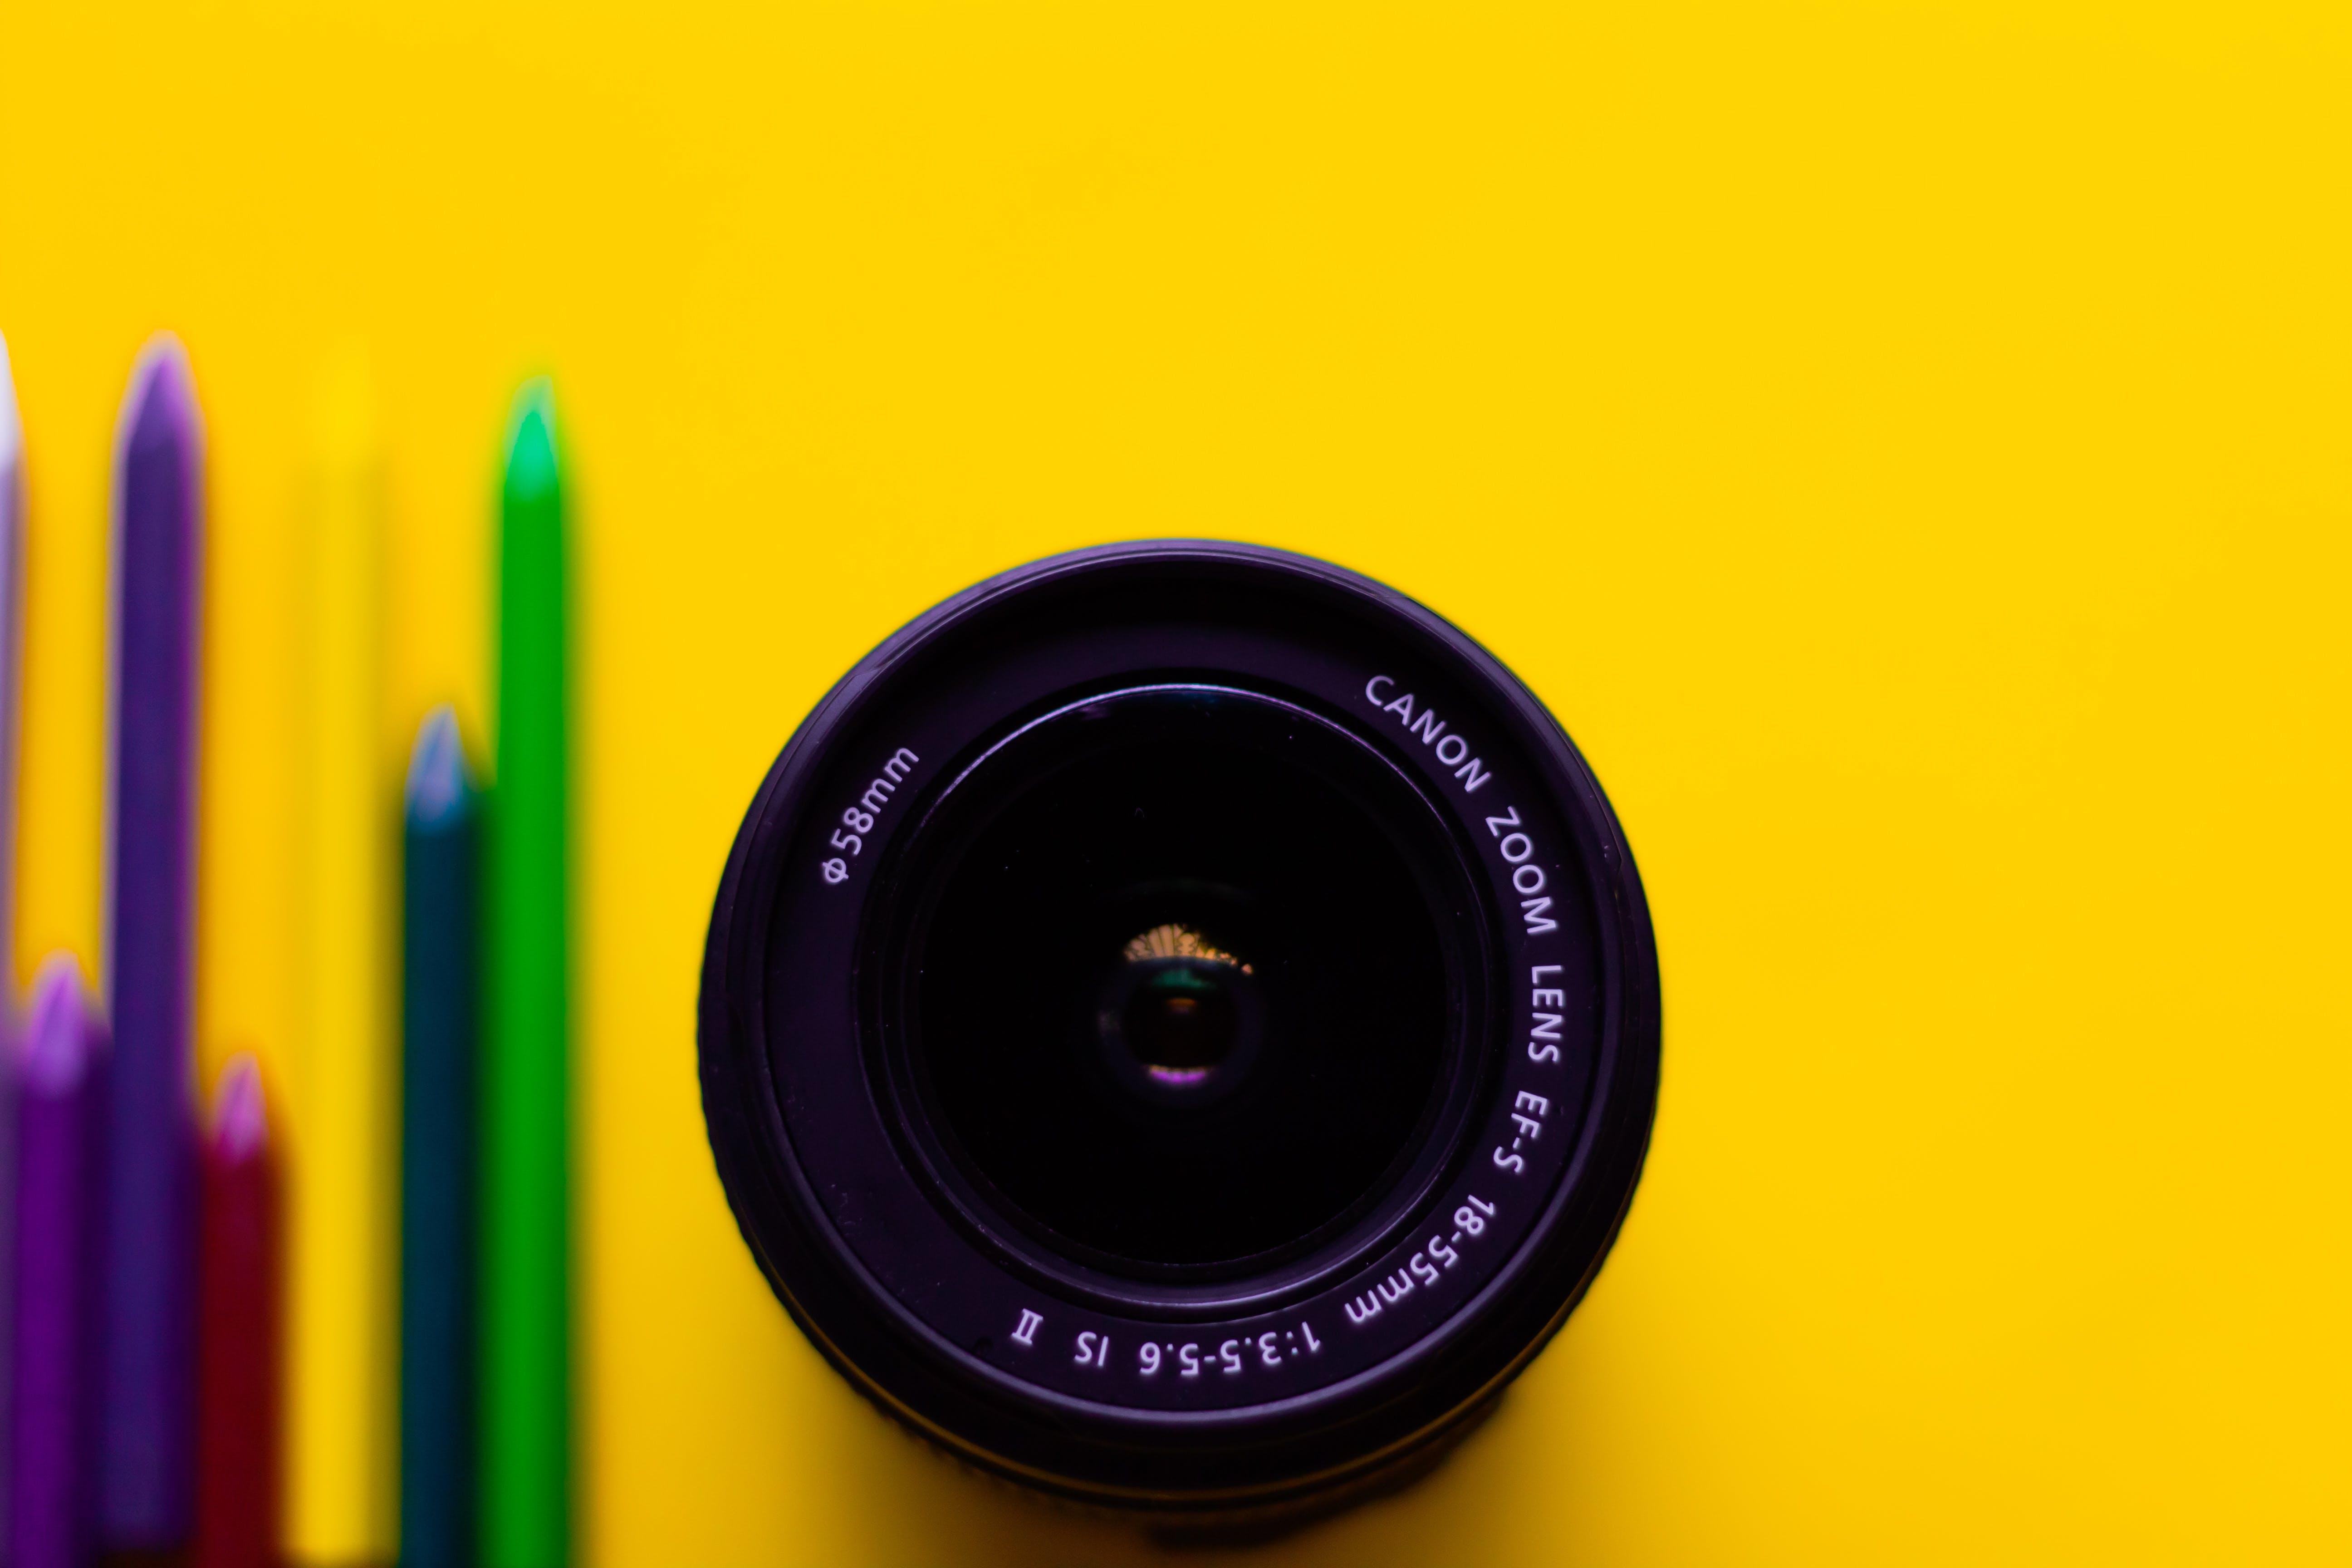 Δωρεάν στοκ φωτογραφιών με απεικόνιση, γκρο πλαν, εννοιολογικός, εξοπλισμός